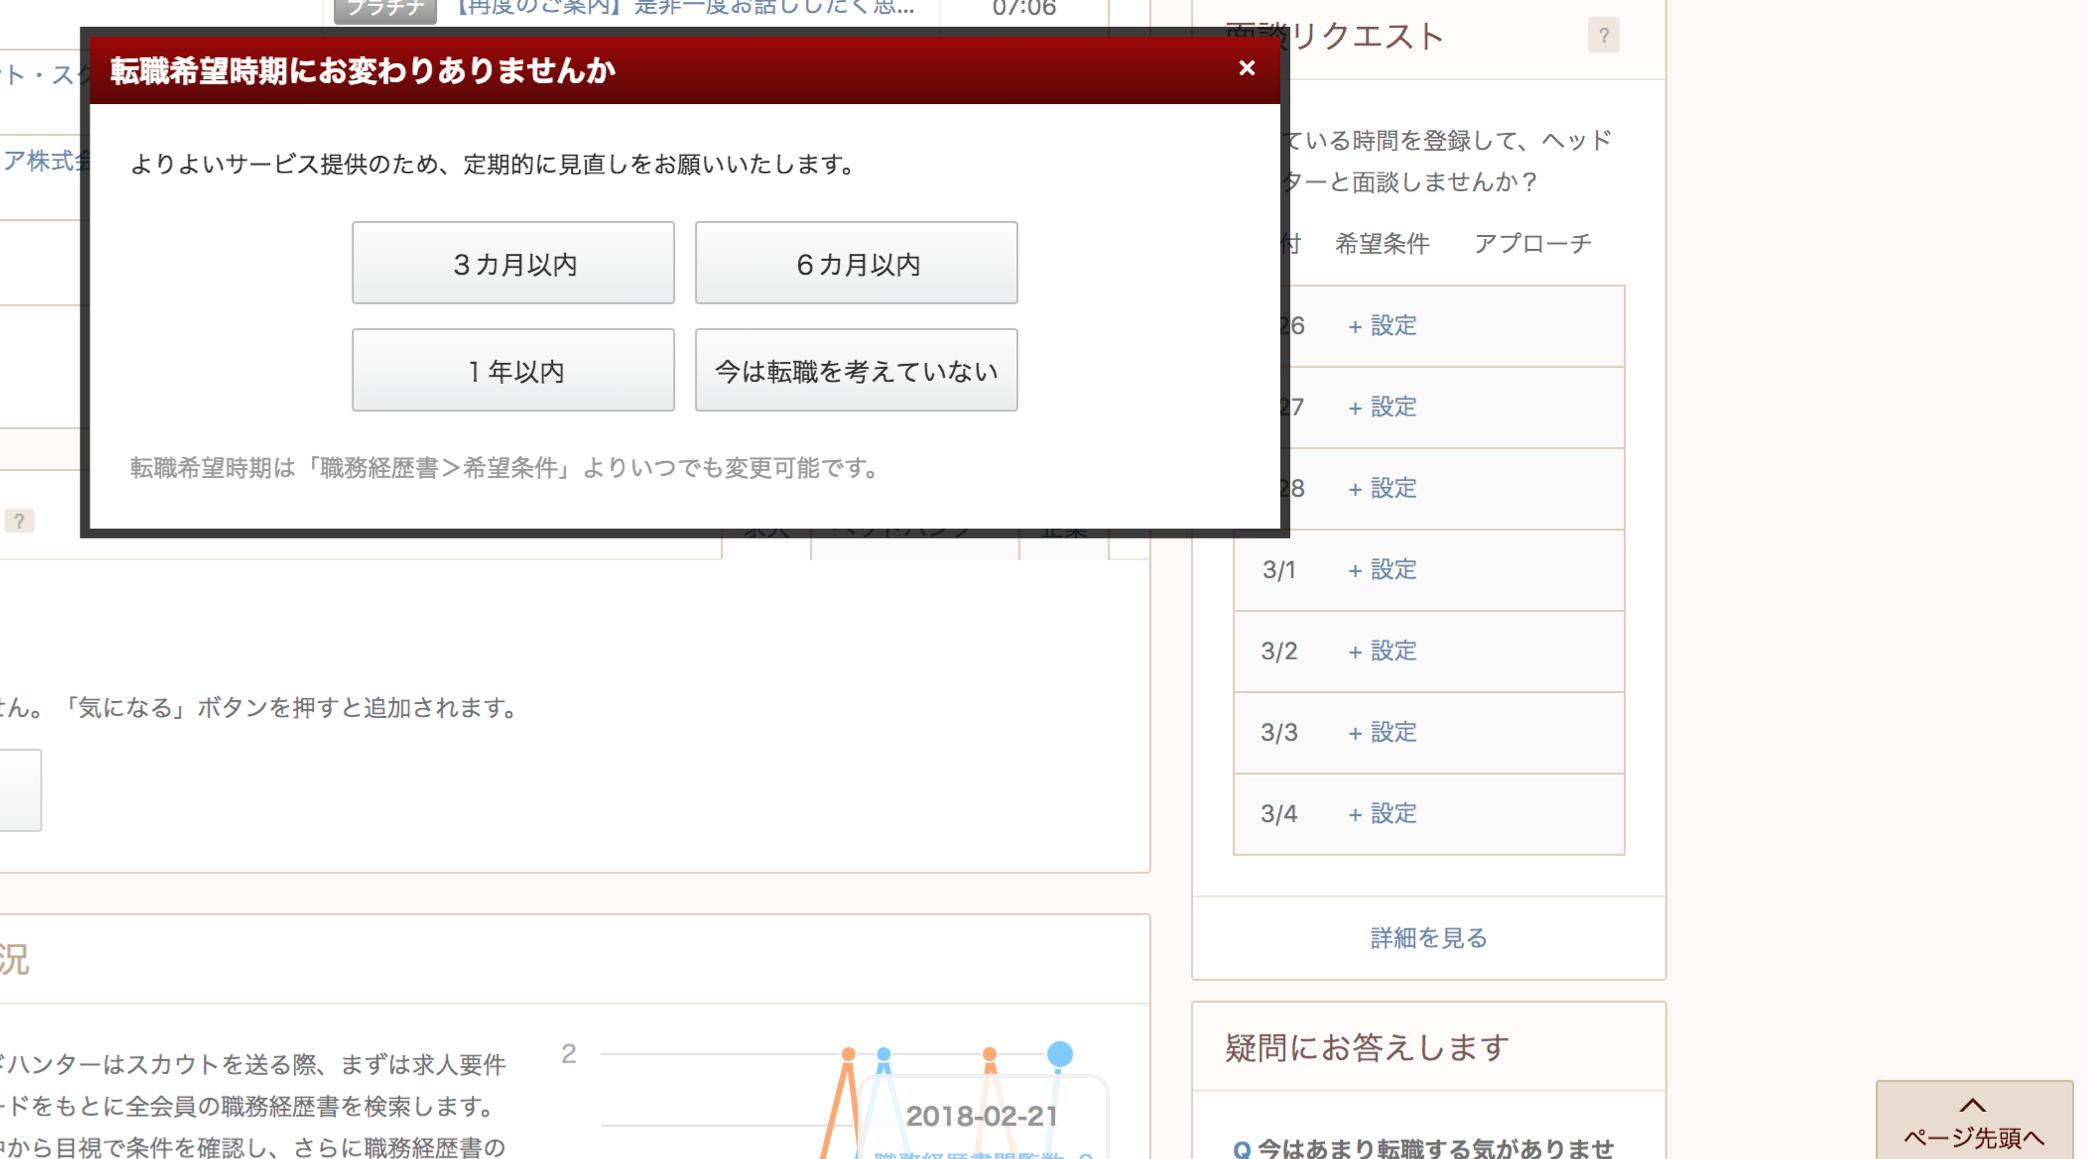 ビズリーチ:Web接客のアンケート機能で顧客状況を調査